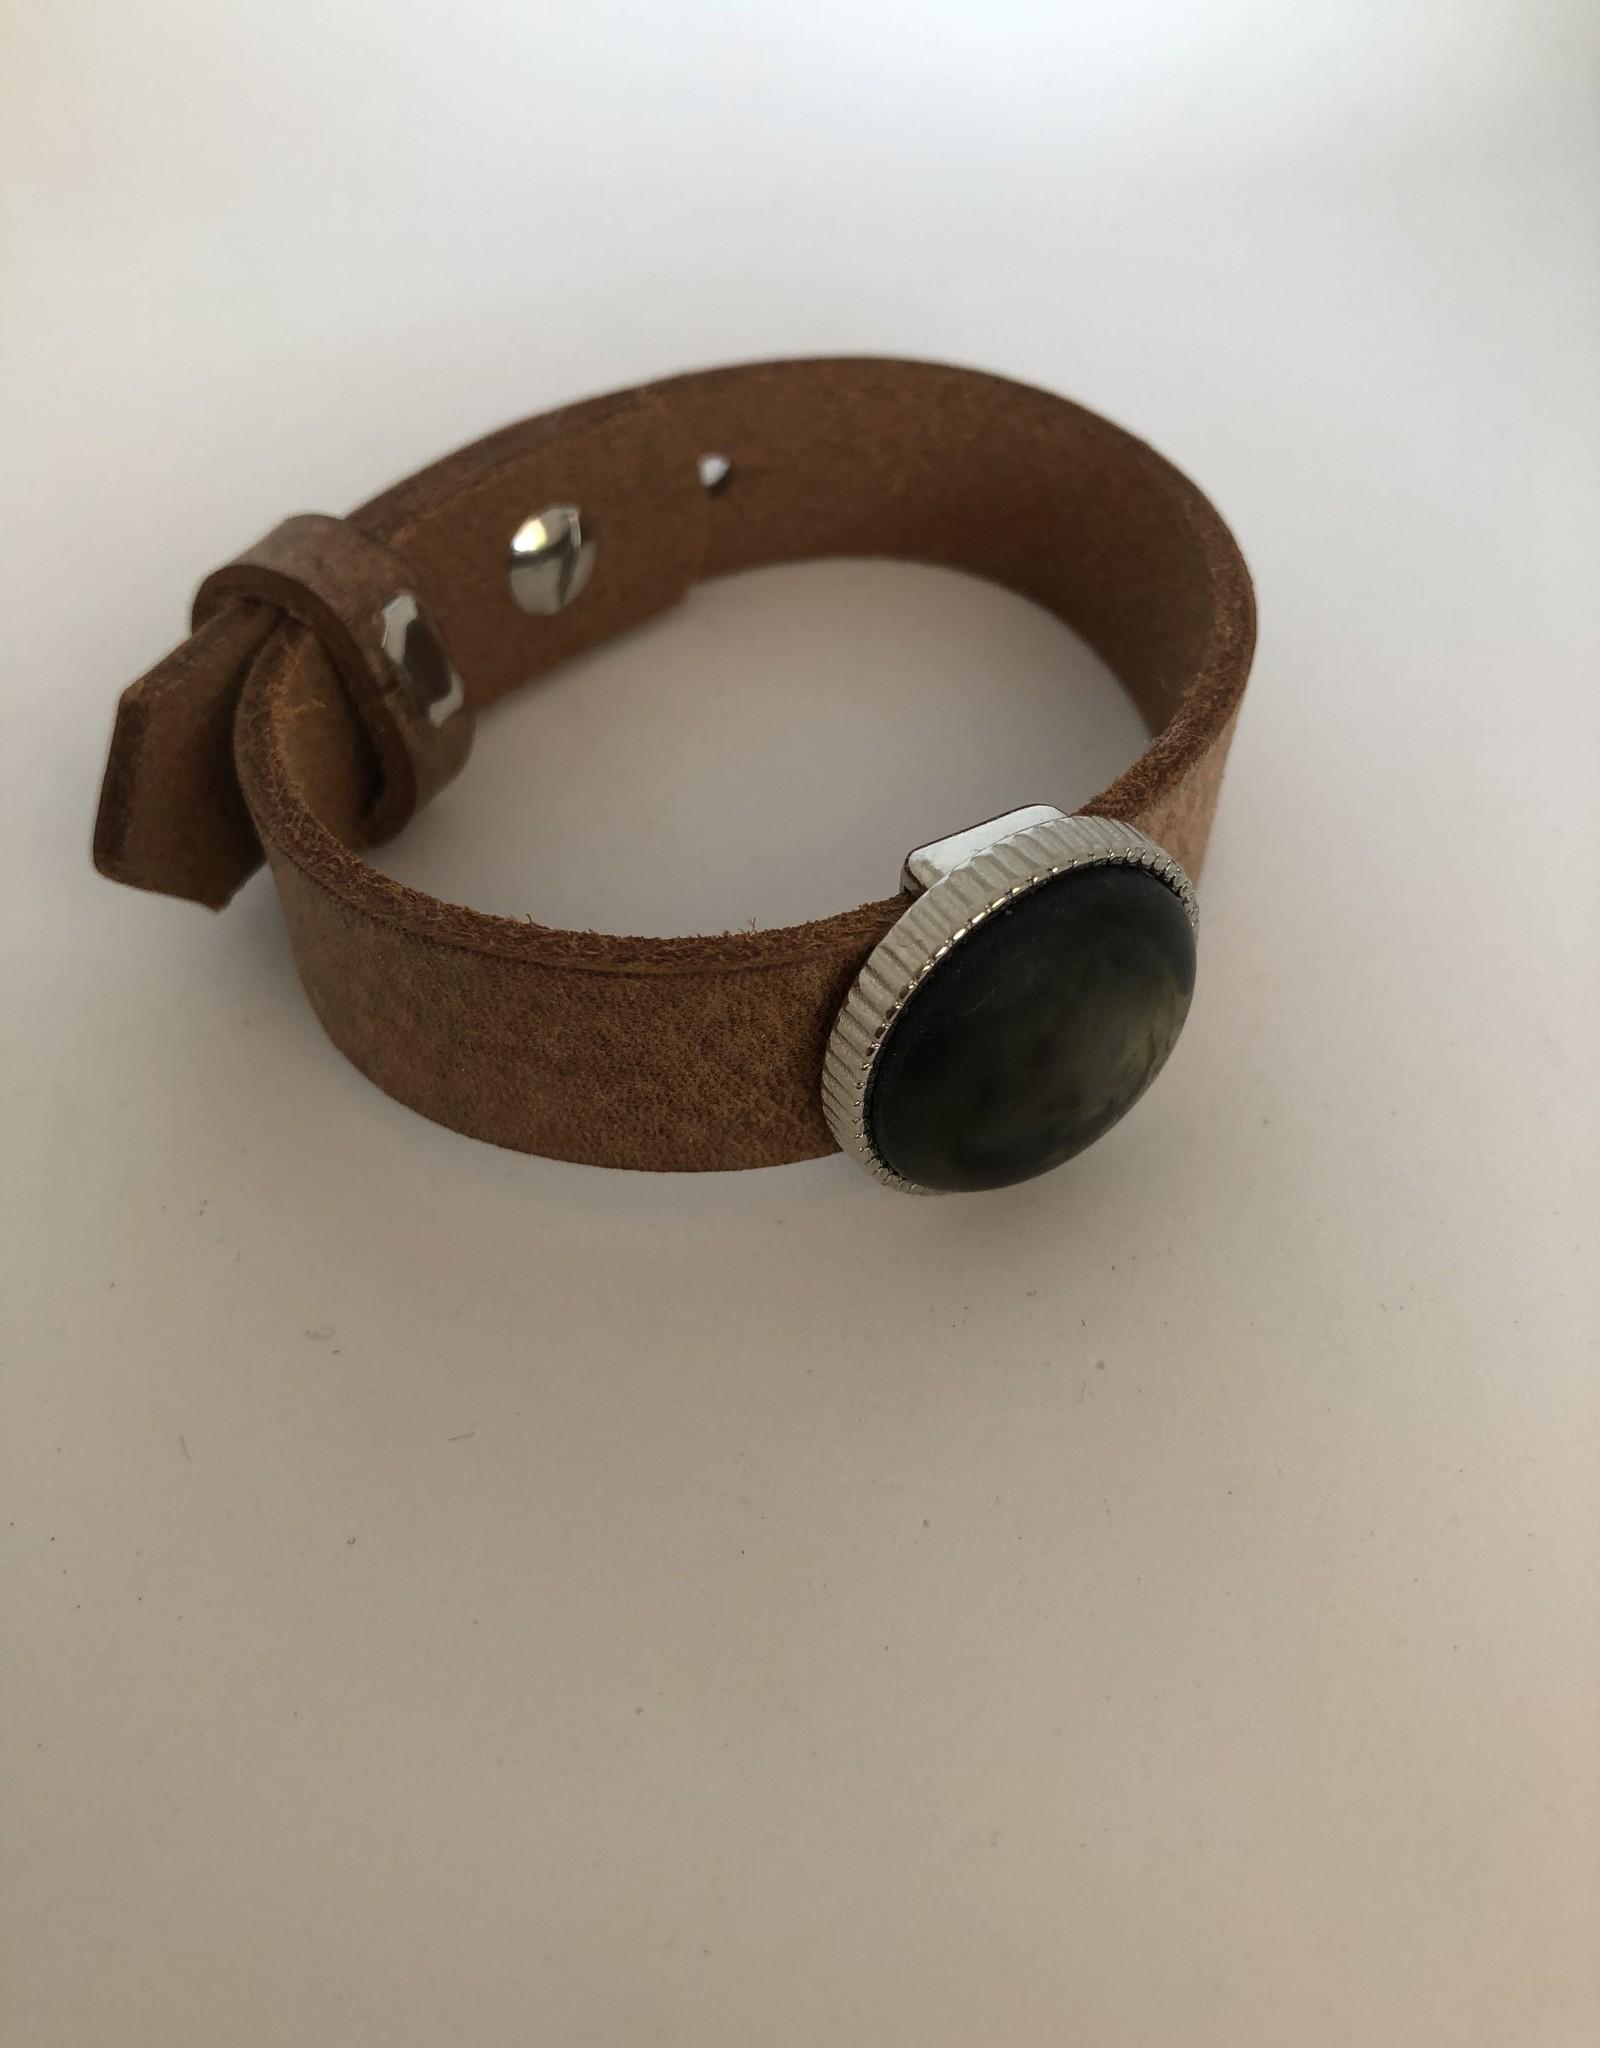 Eigen atelier Unieke lederen armband met mooie cabochon